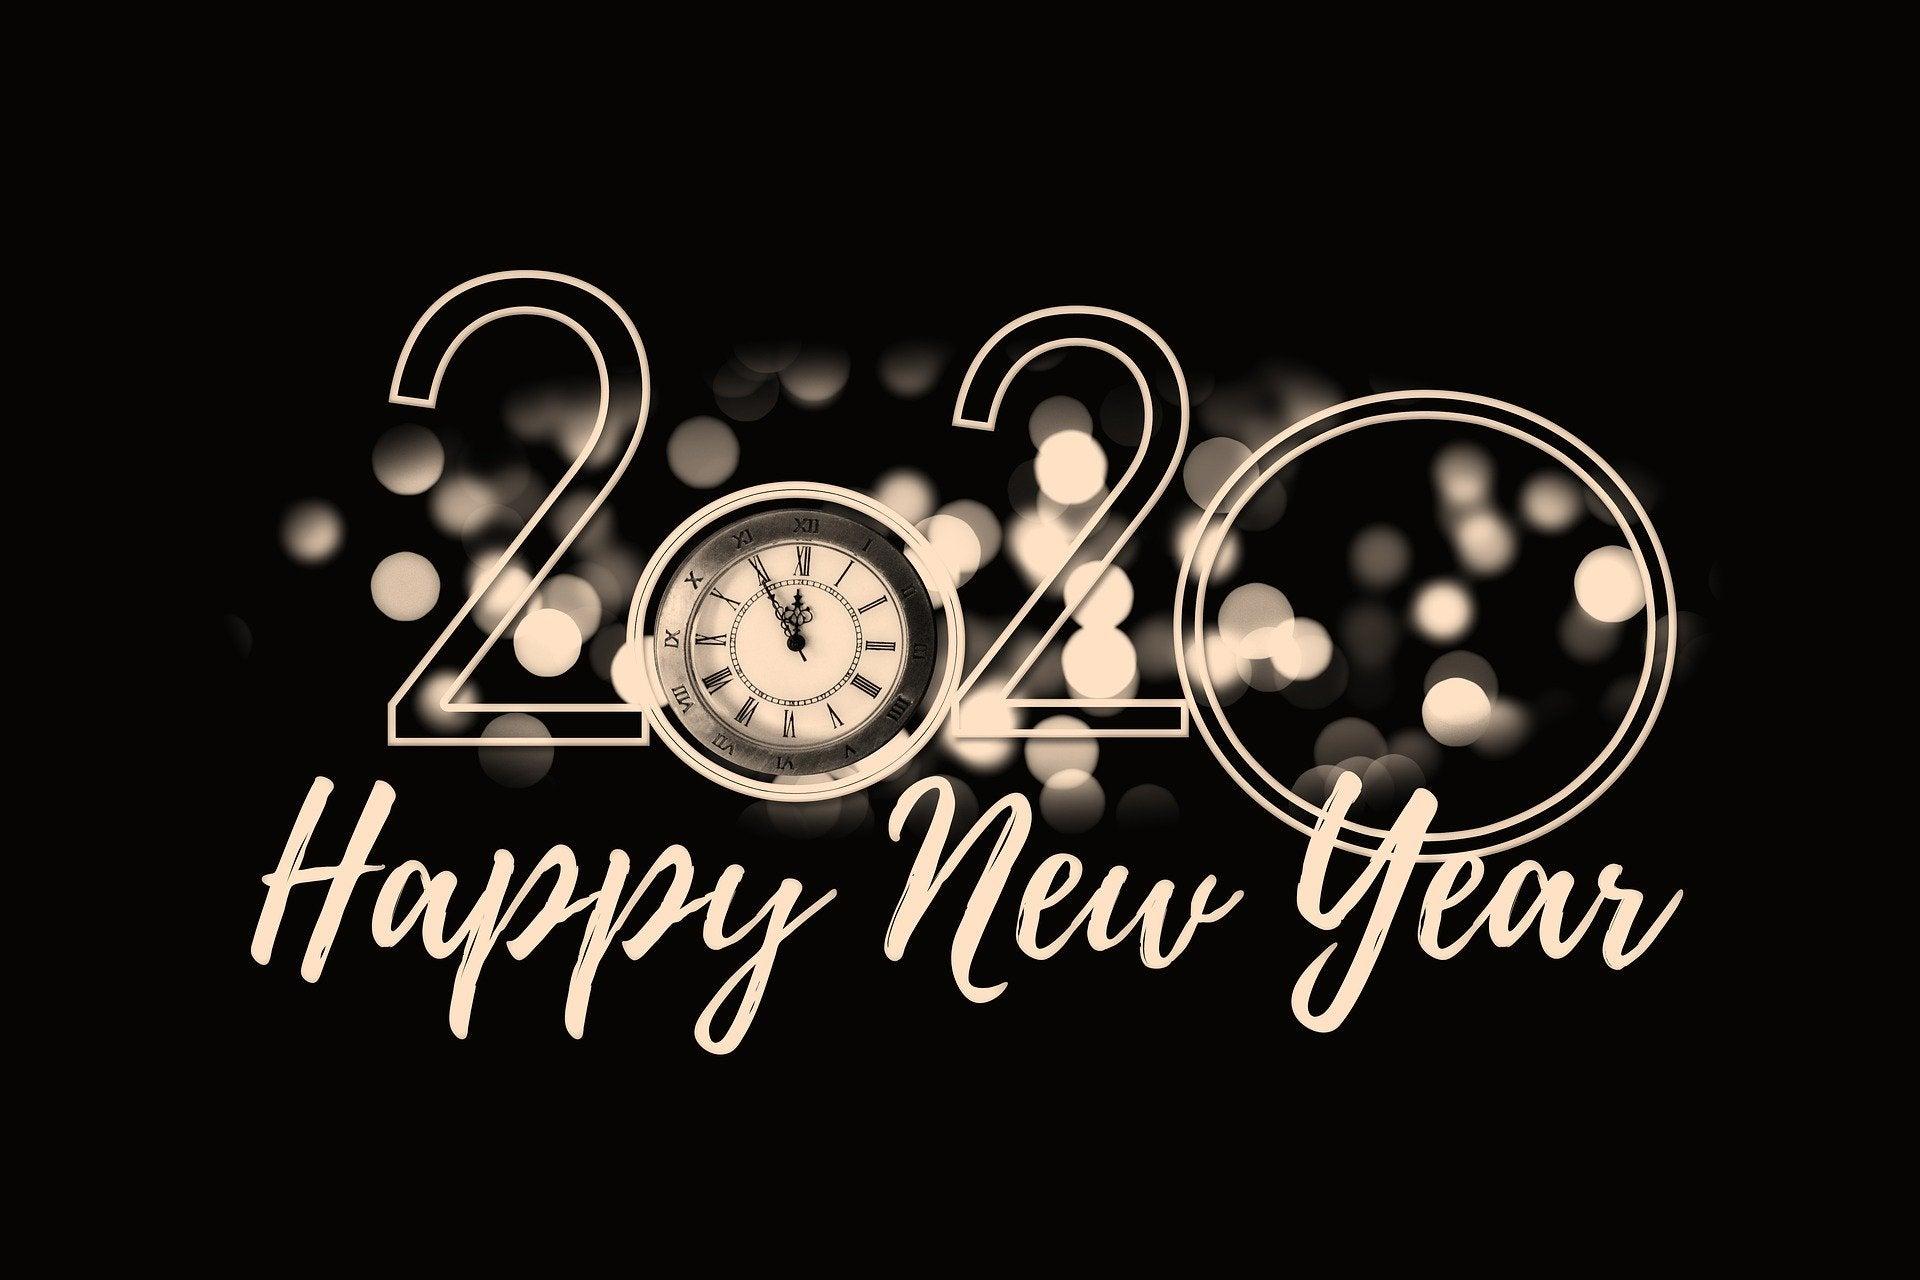 Whatsapp Sprüche Für Neujahr Die Beste Silvester Grüße Zum